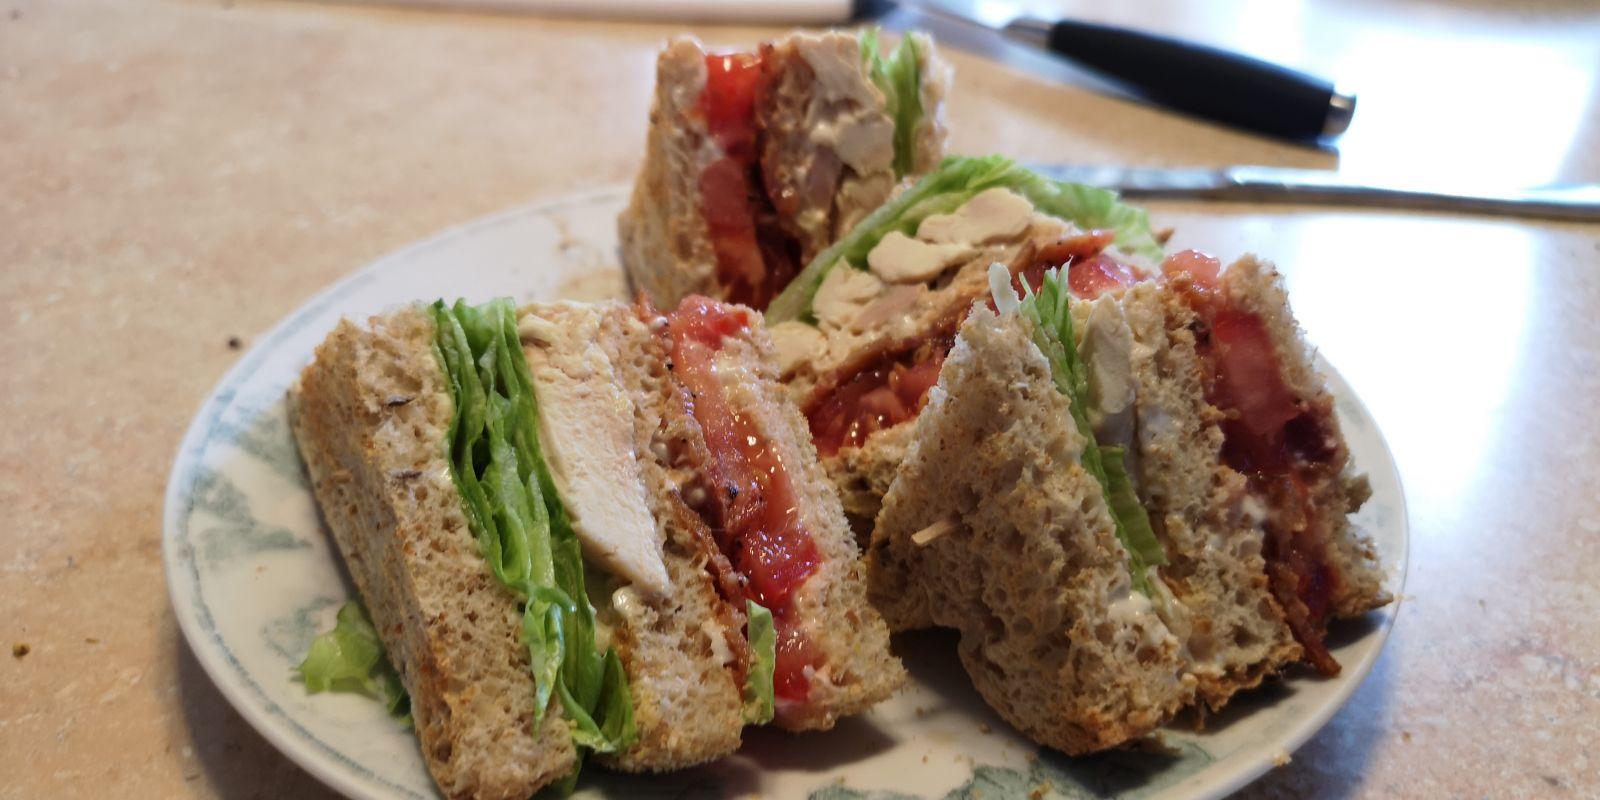 Club Sandwich santé pour moins de 2,50 par personne